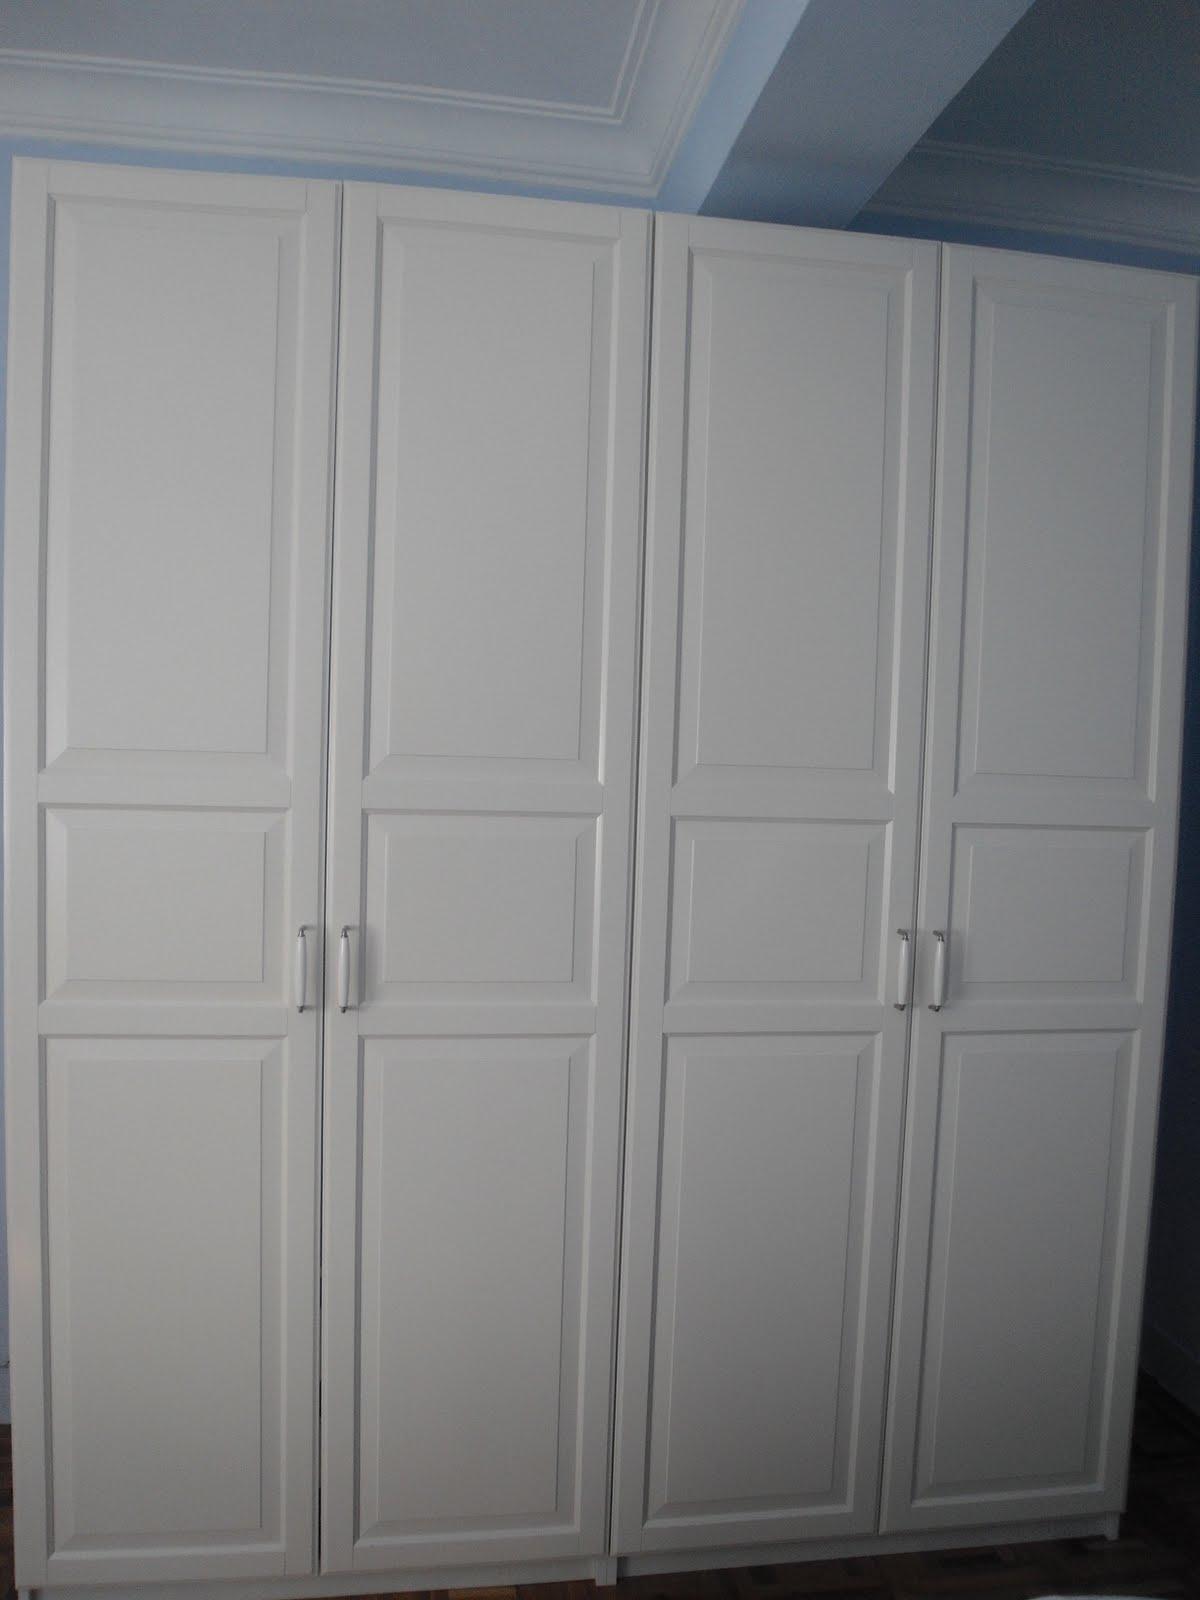 Ver Armarios En Ikea Decoracion Del Hogar Evenaia Com